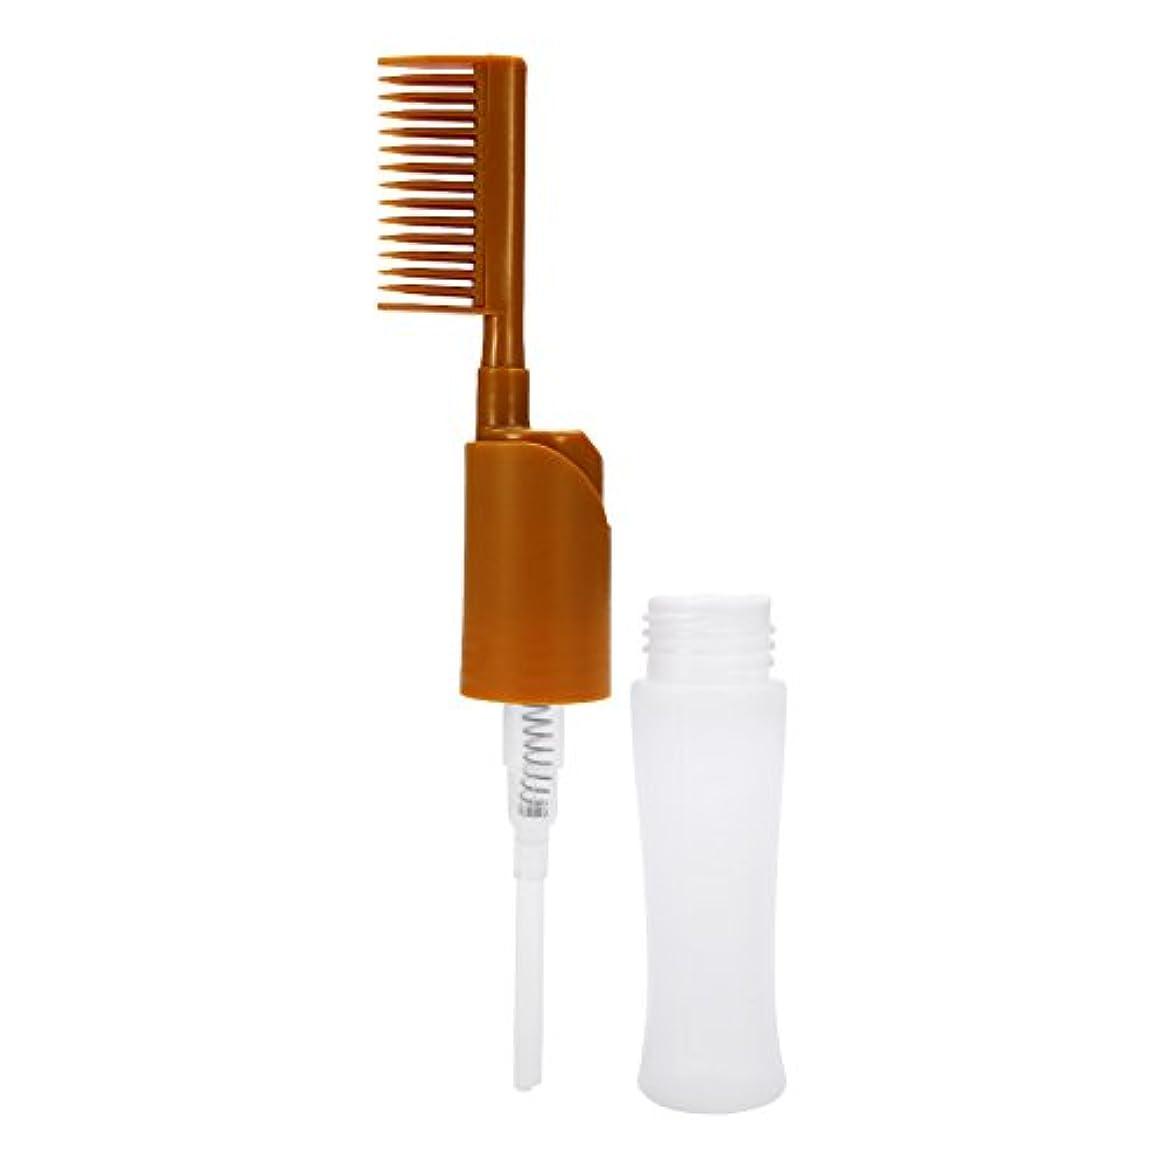 ウイルス疲労朝ごはん染まるびん、大広間の櫛のアプリケーターの黄色を染める毛の染料のびんの櫛